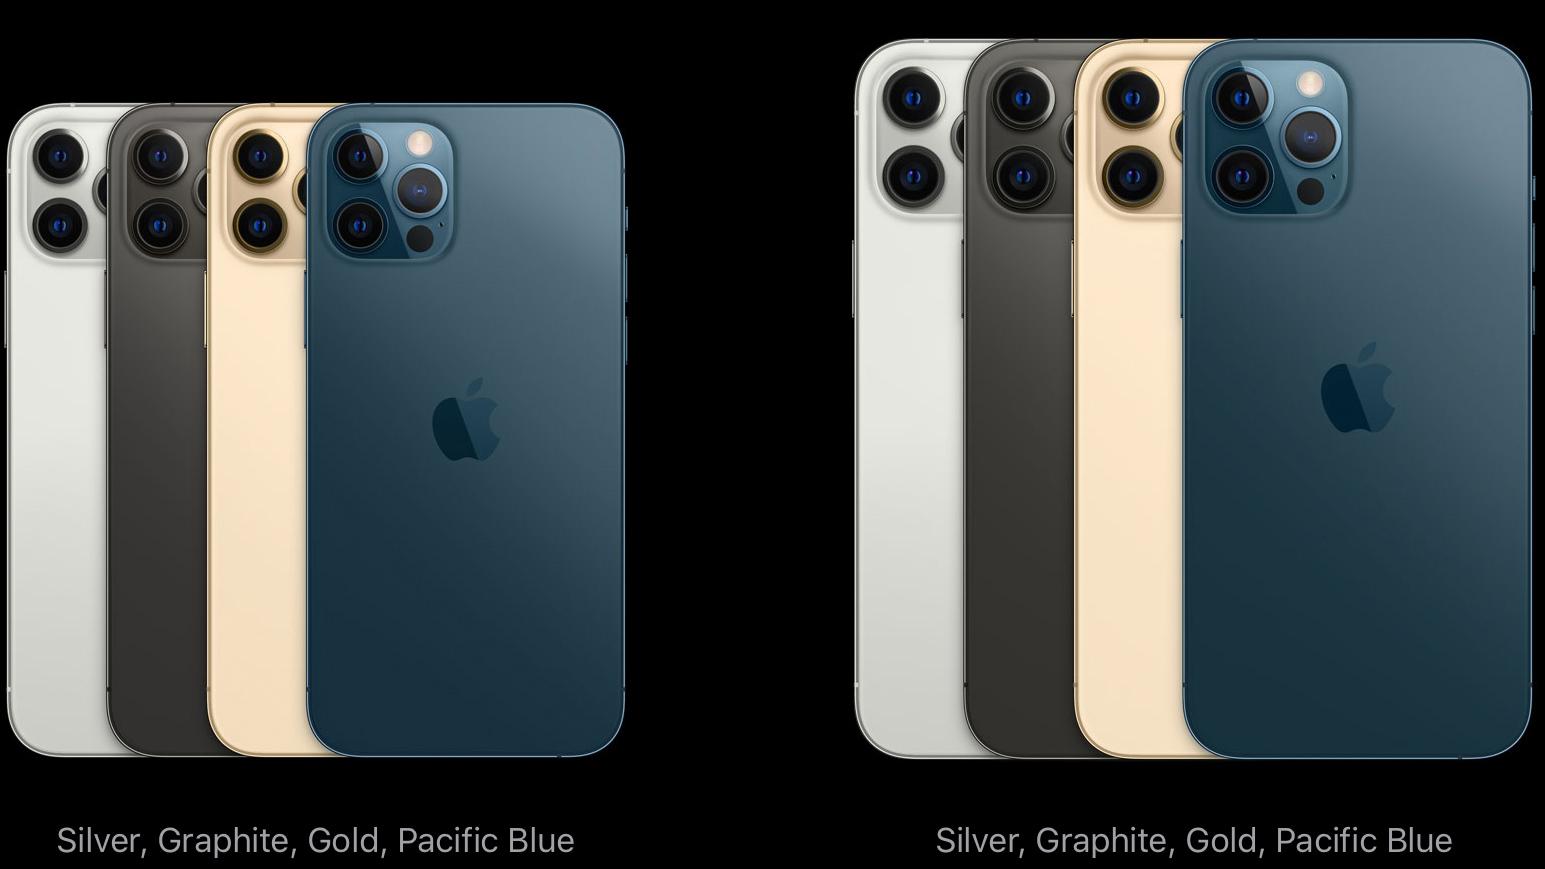 Apple iPhone 12 Pro colorways